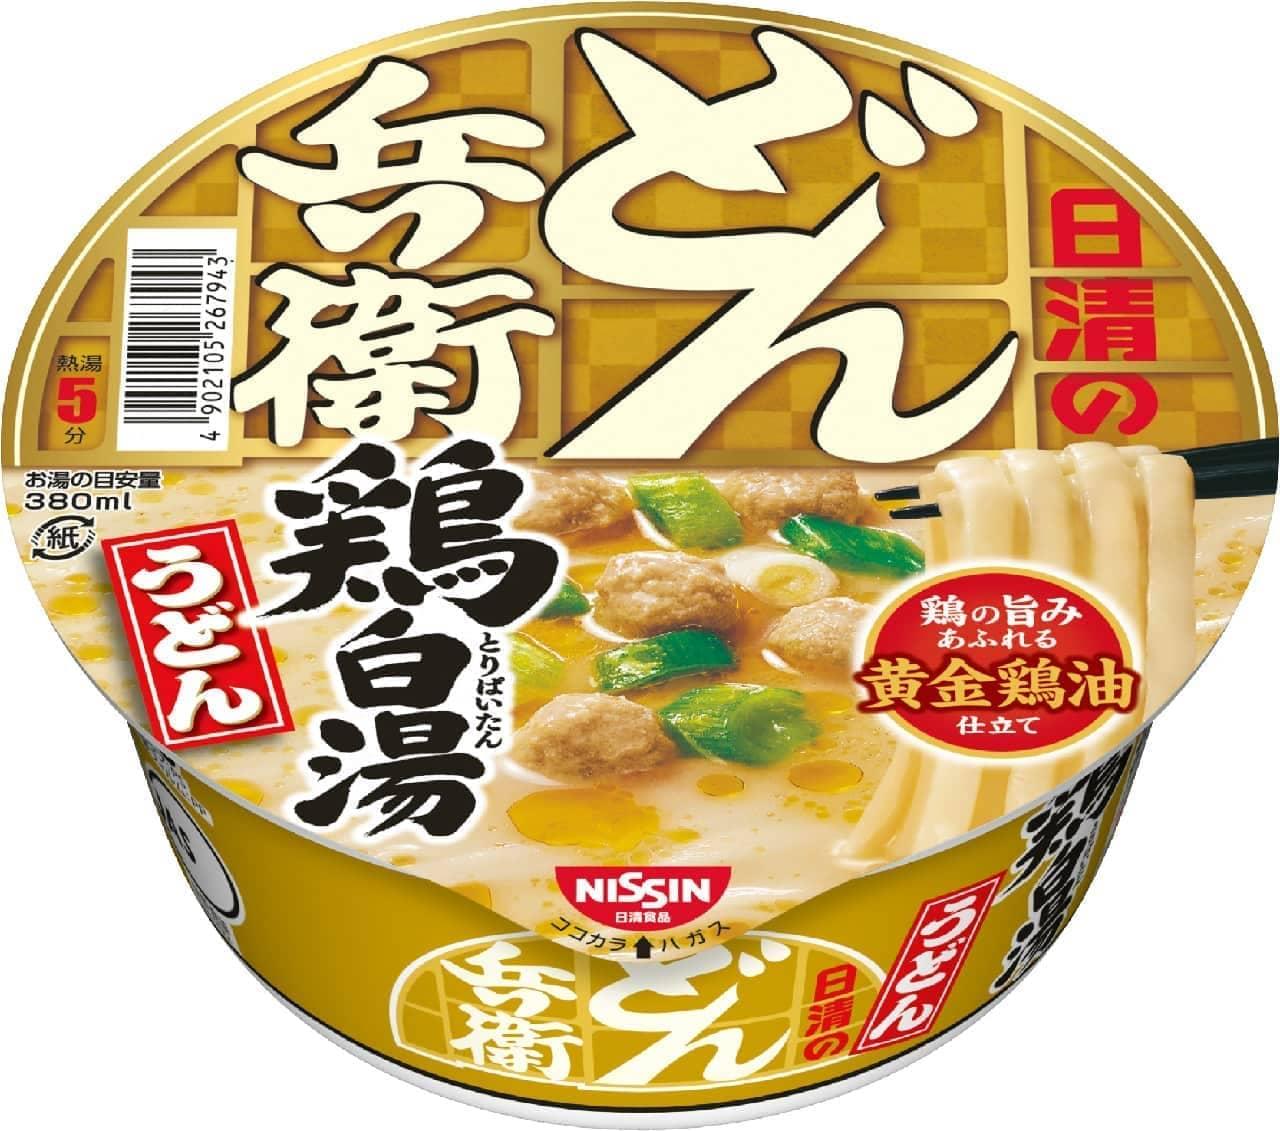 日清食品「日清のどん兵衛 鶏白湯うどん」